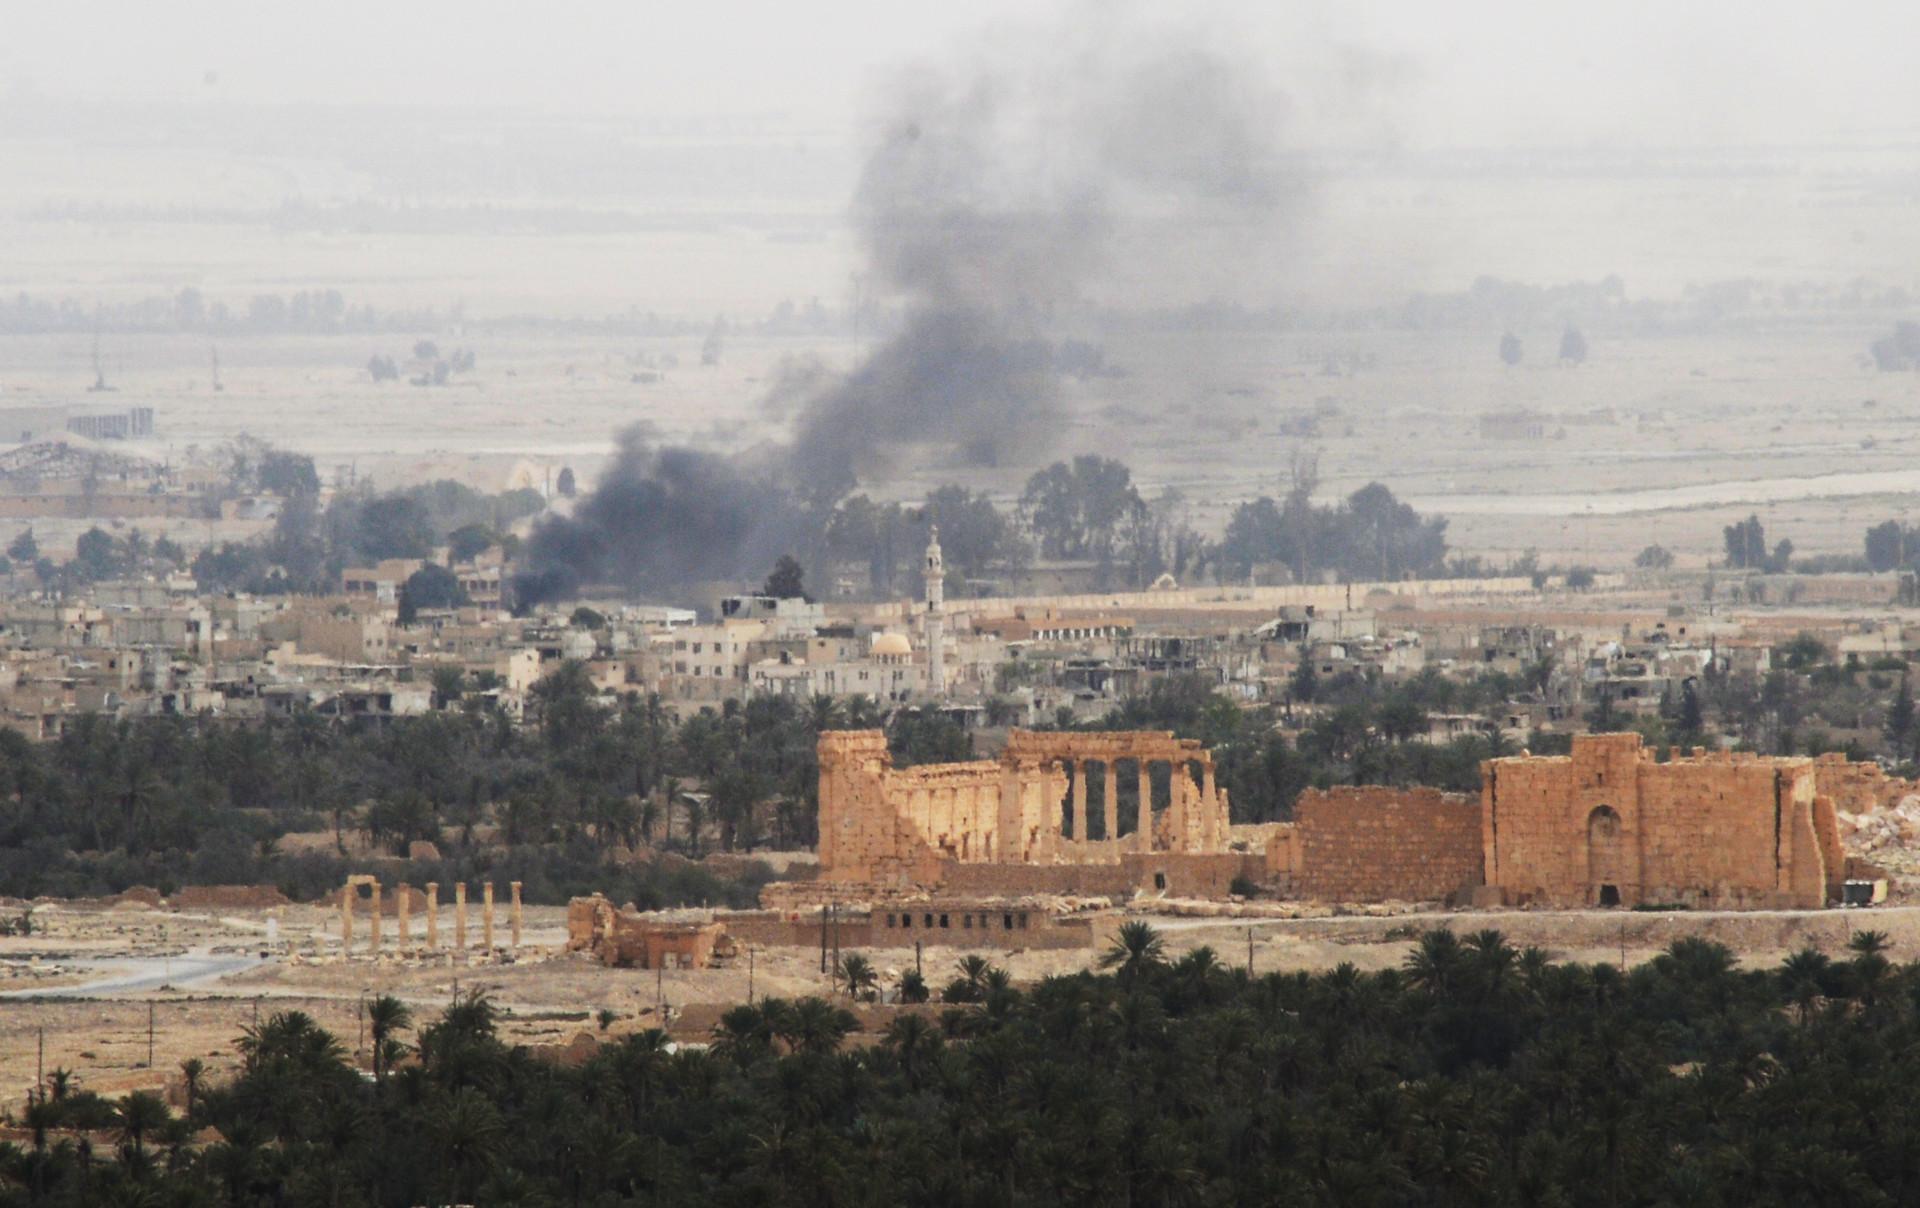 El centro histórico de Palmira desde las colinas que rodean la ciudad ocupadas por el Ejército sirio y la milicia Halcones del Desierto, 25 de marzo.